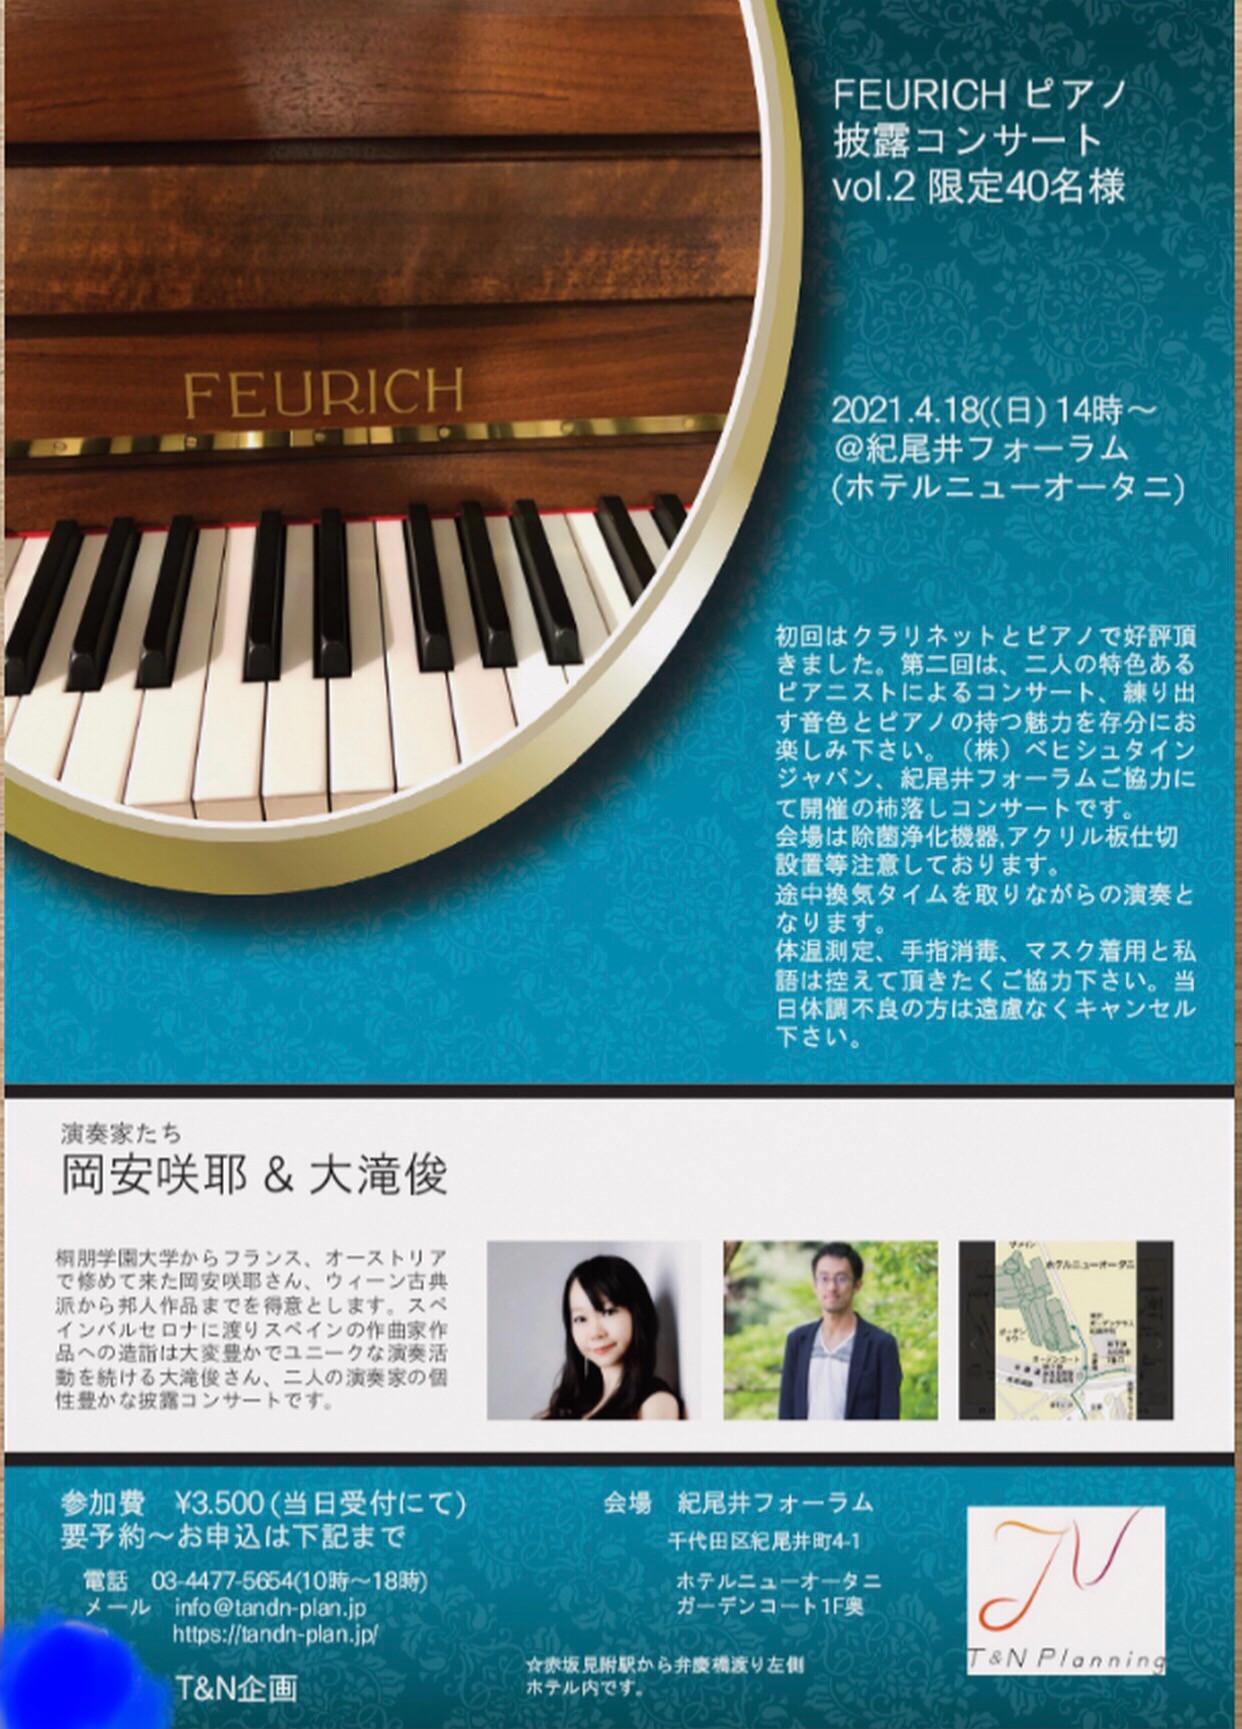 ピアノ披露コンサートvol.2